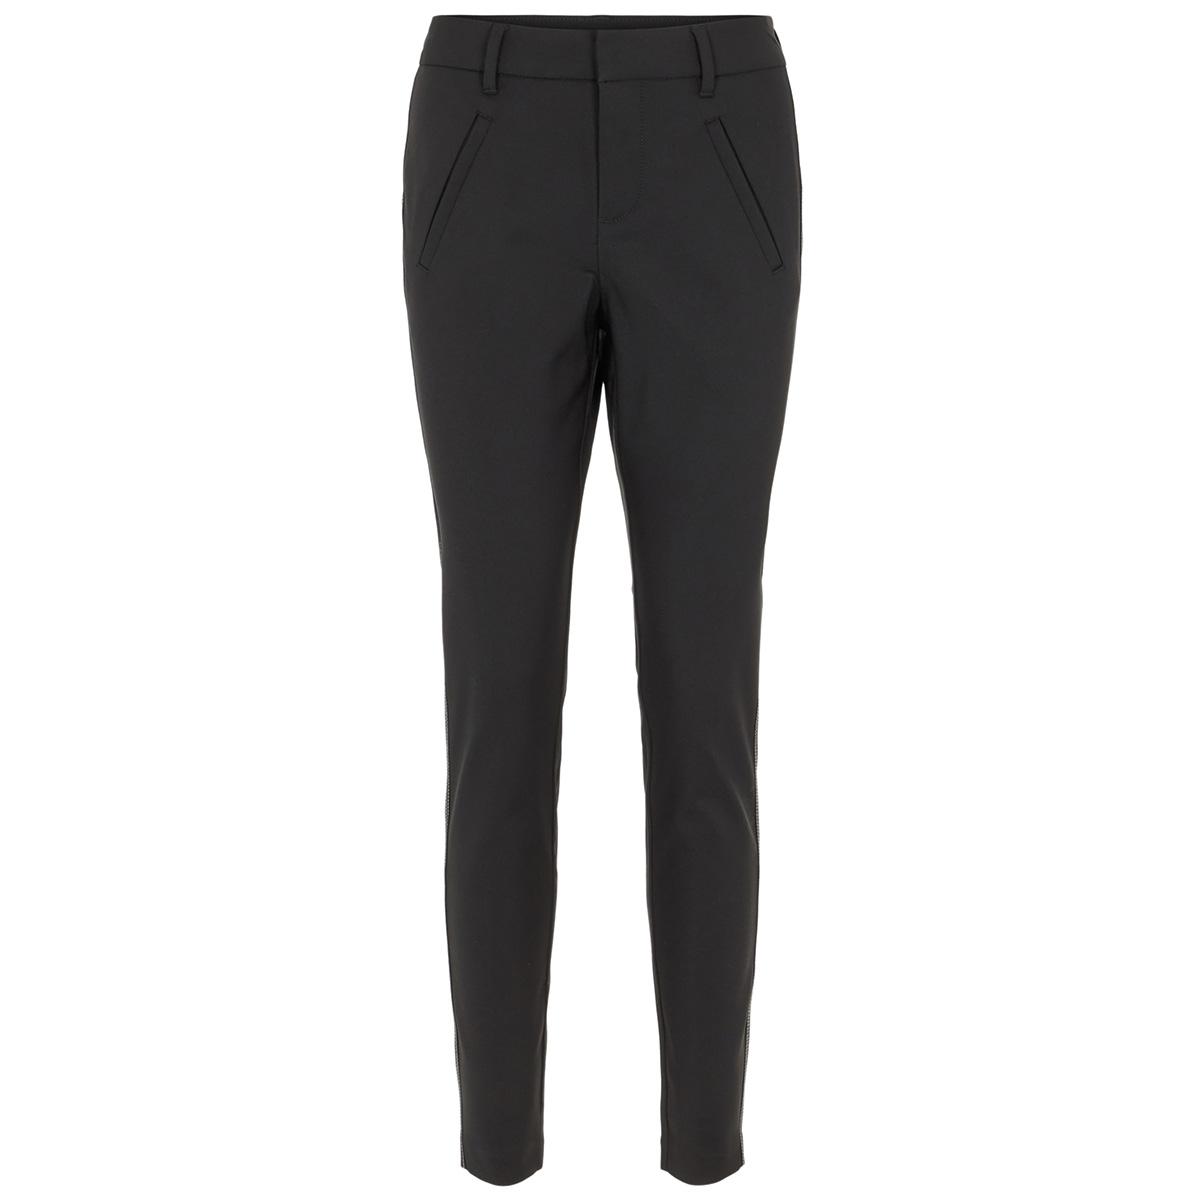 vmvictoria mr contrast ankle pant c 10217609 vero moda broek black/birch stitch